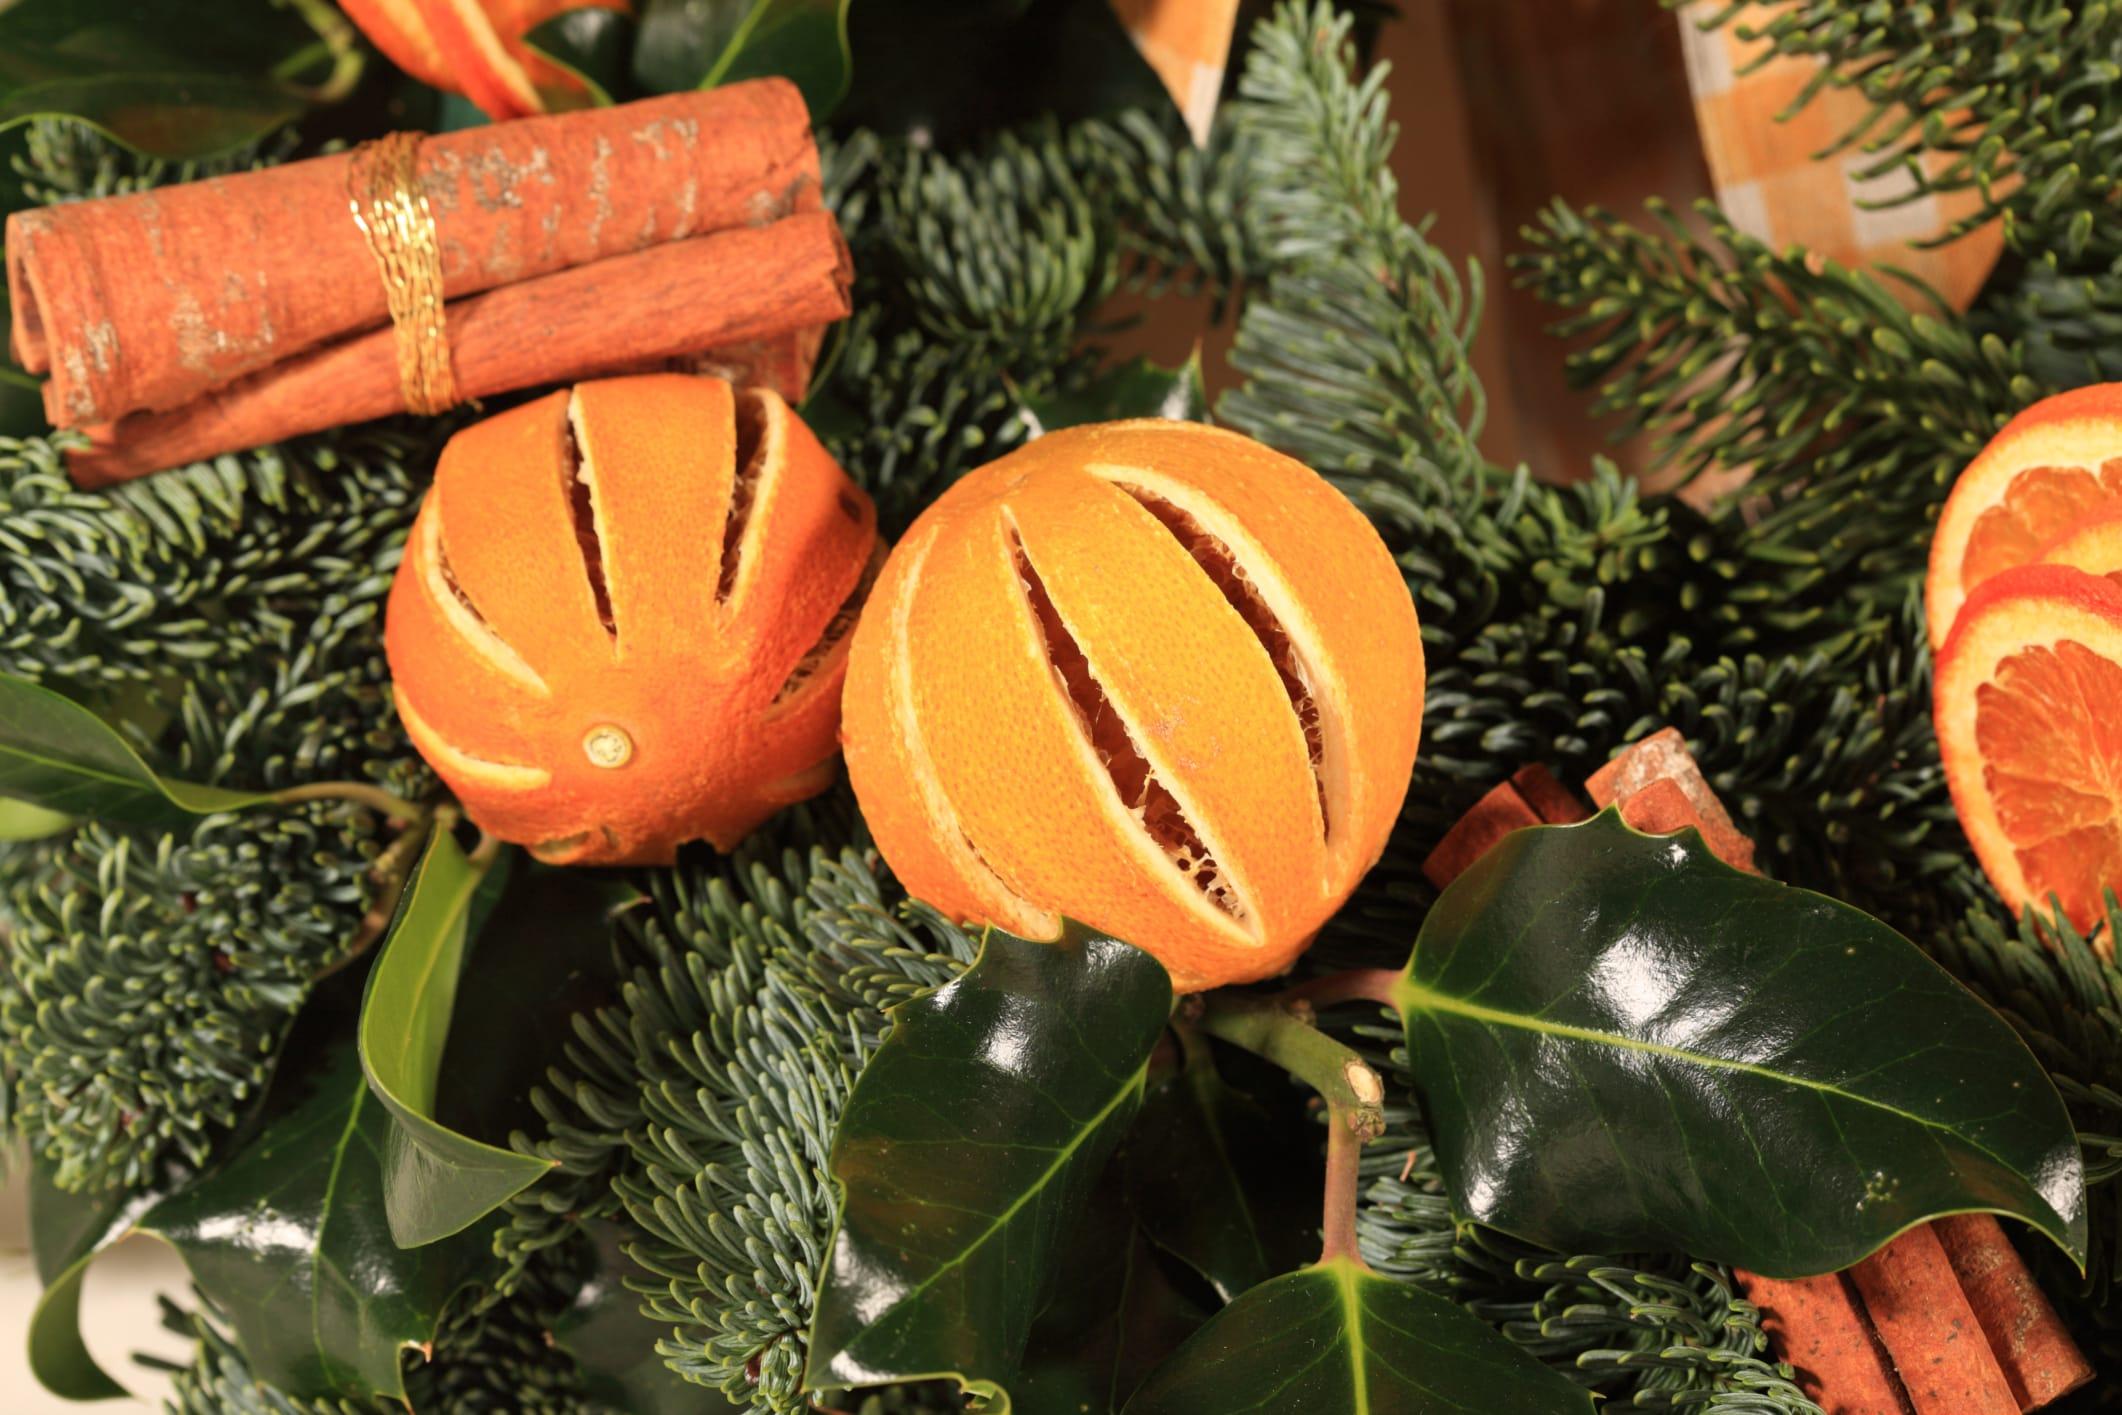 Addobbi Natalizi Con Frutta decorazioni fai da te per albero di natale | foto - non sprecare